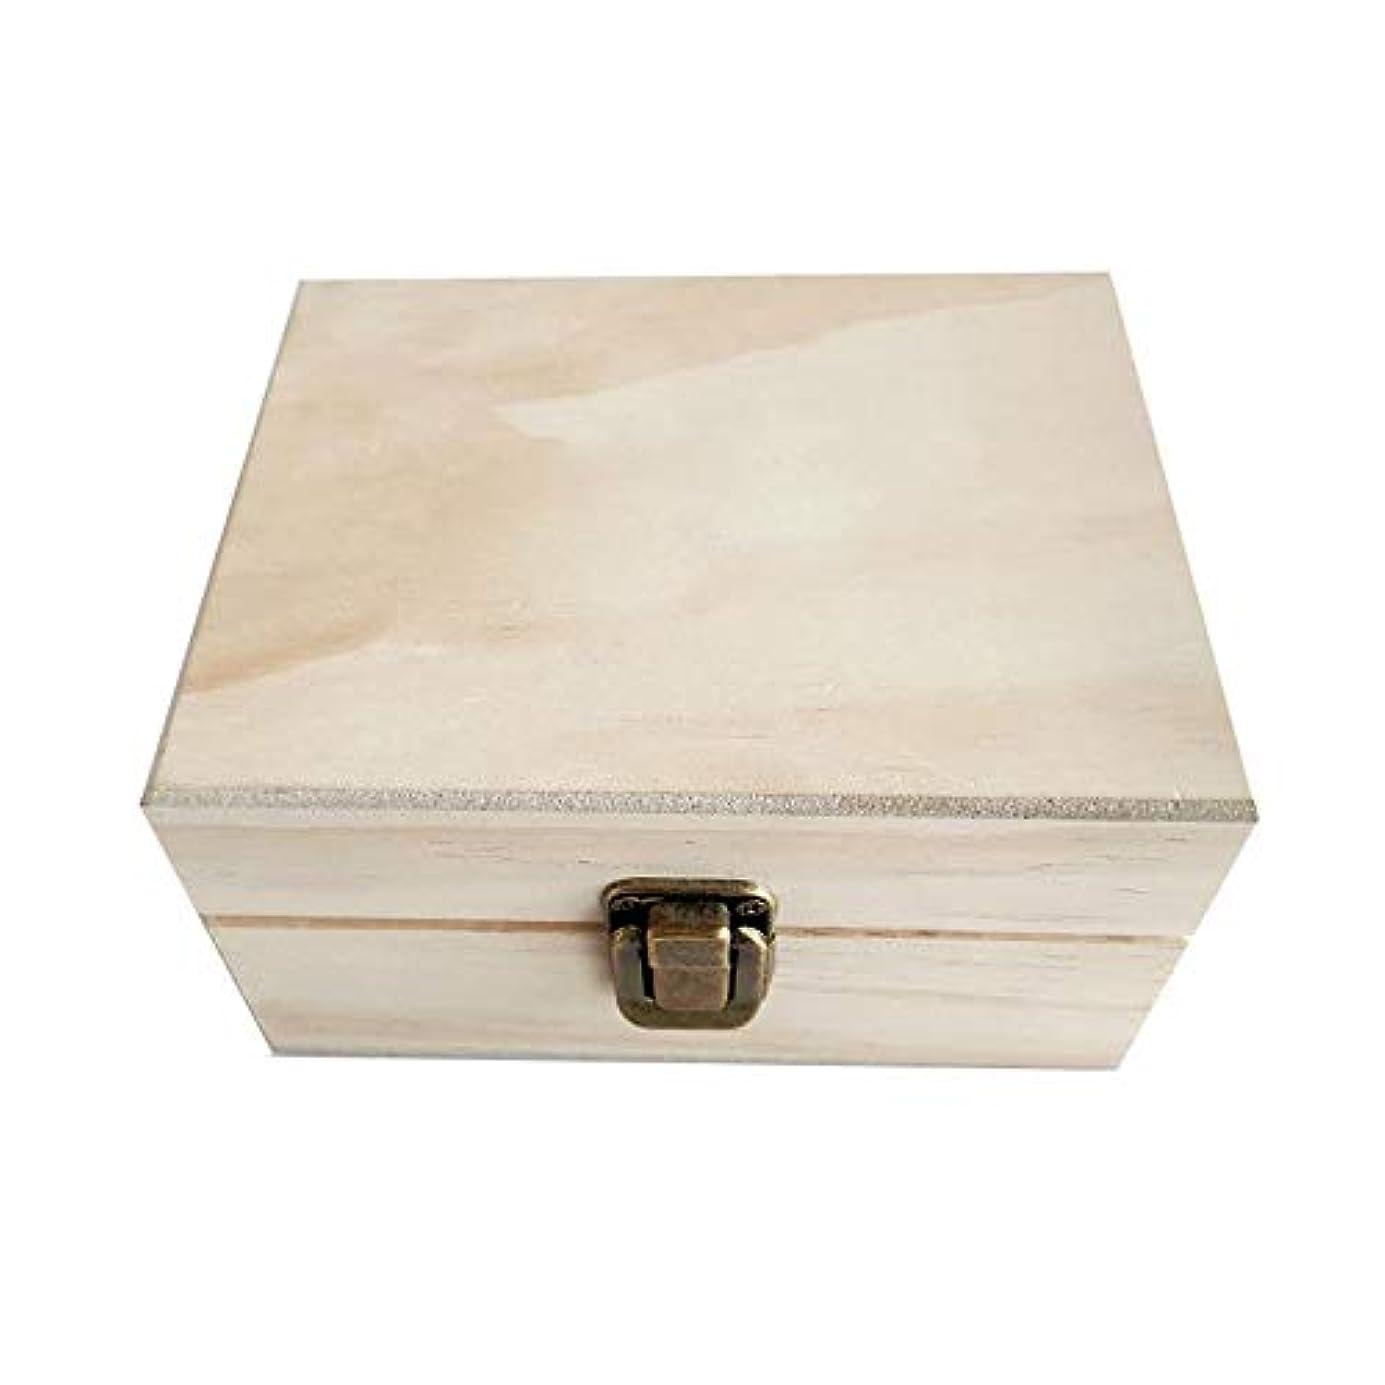 スクラップブック鉛破滅アロマセラピー収納ボックス 12本のボトルオイル、省スペースのストレージスロットオイルボックス木箱 エッセンシャルオイル収納ボックス (色 : Natural, サイズ : 15X12X8.5CM)